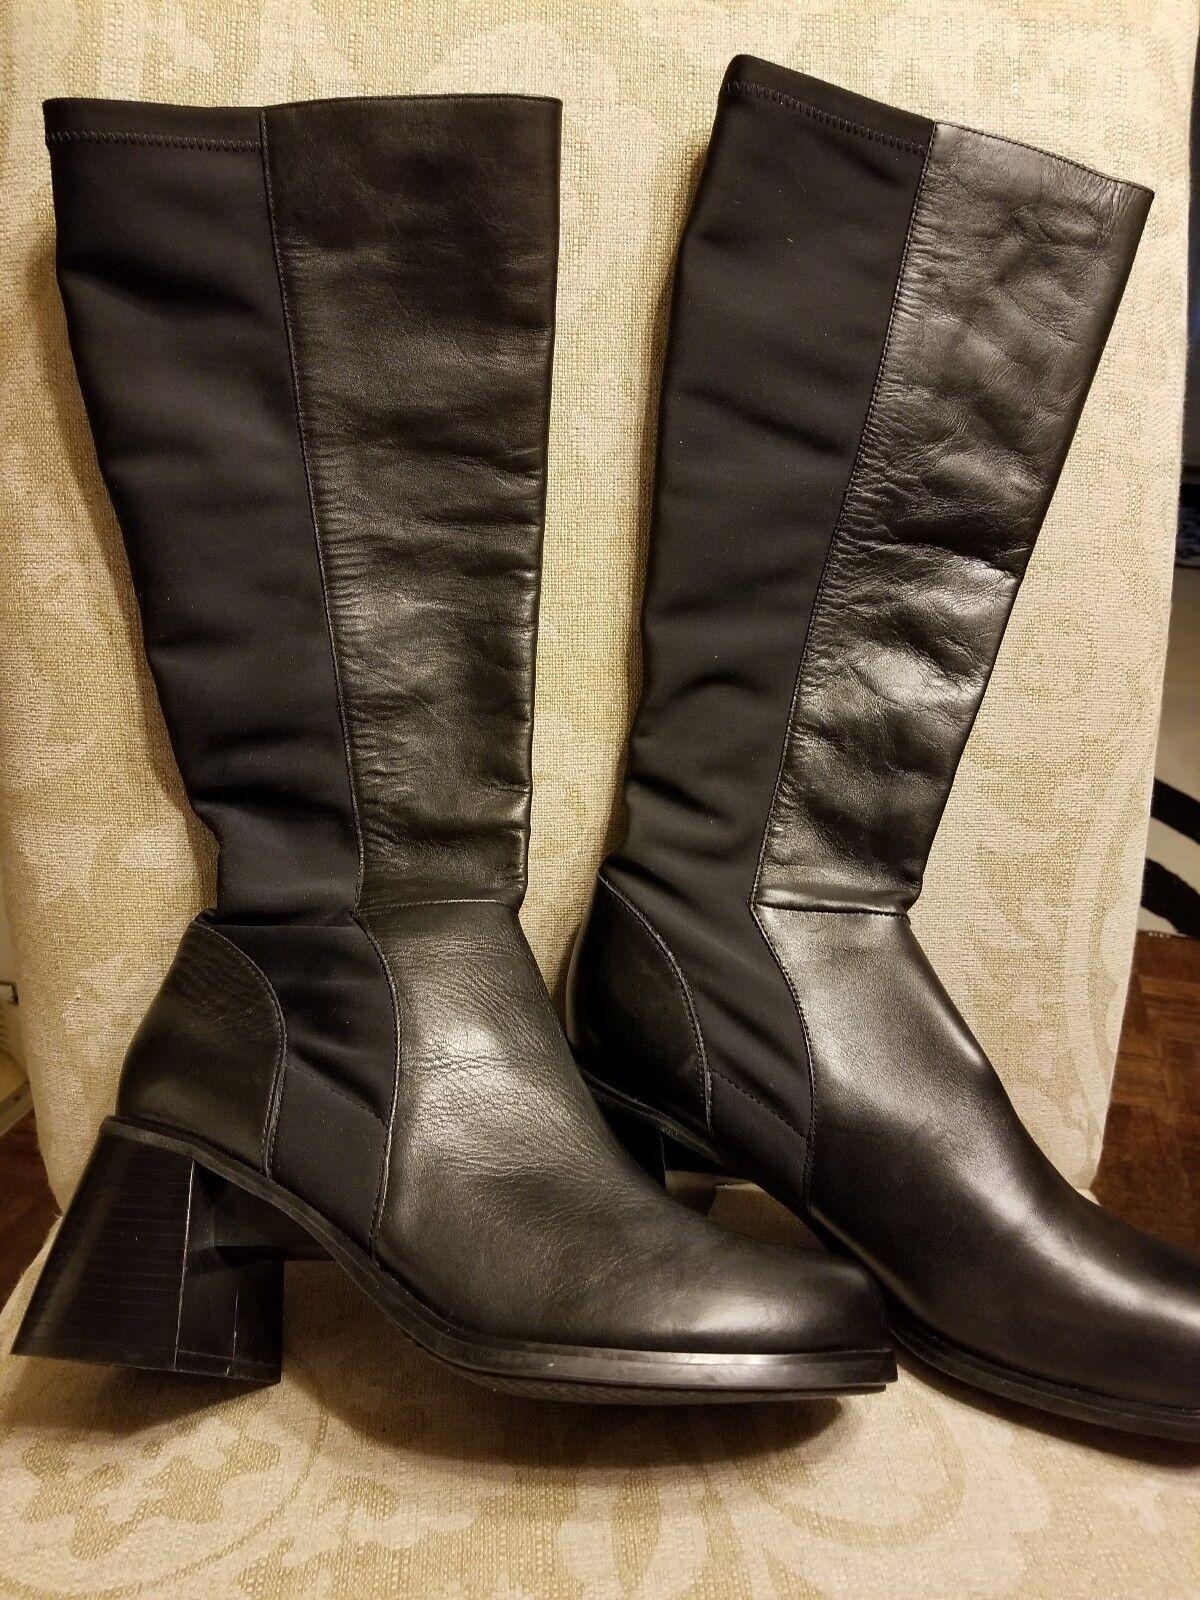 botas Mujeres De Cuero Mujeres botas 11m Nuevo Negro Elástico Cuero Me Too b88bcf